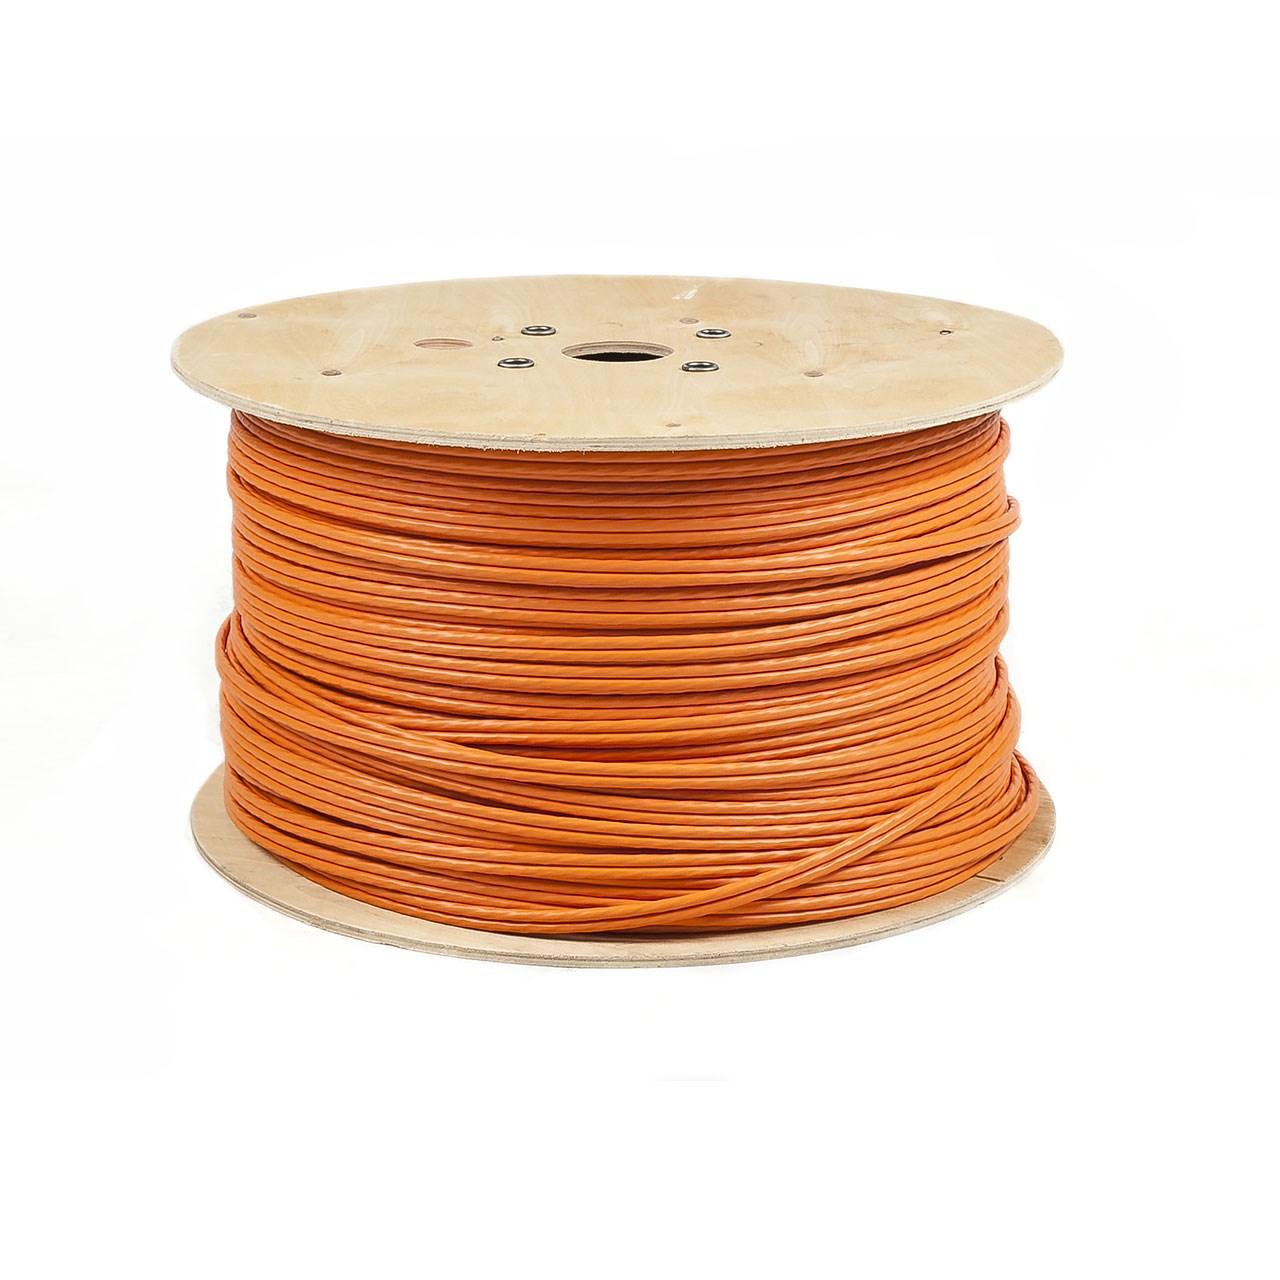 کابل شبکه Cat 7 SFTP نگزنس تست فلوک به طول 500 متر